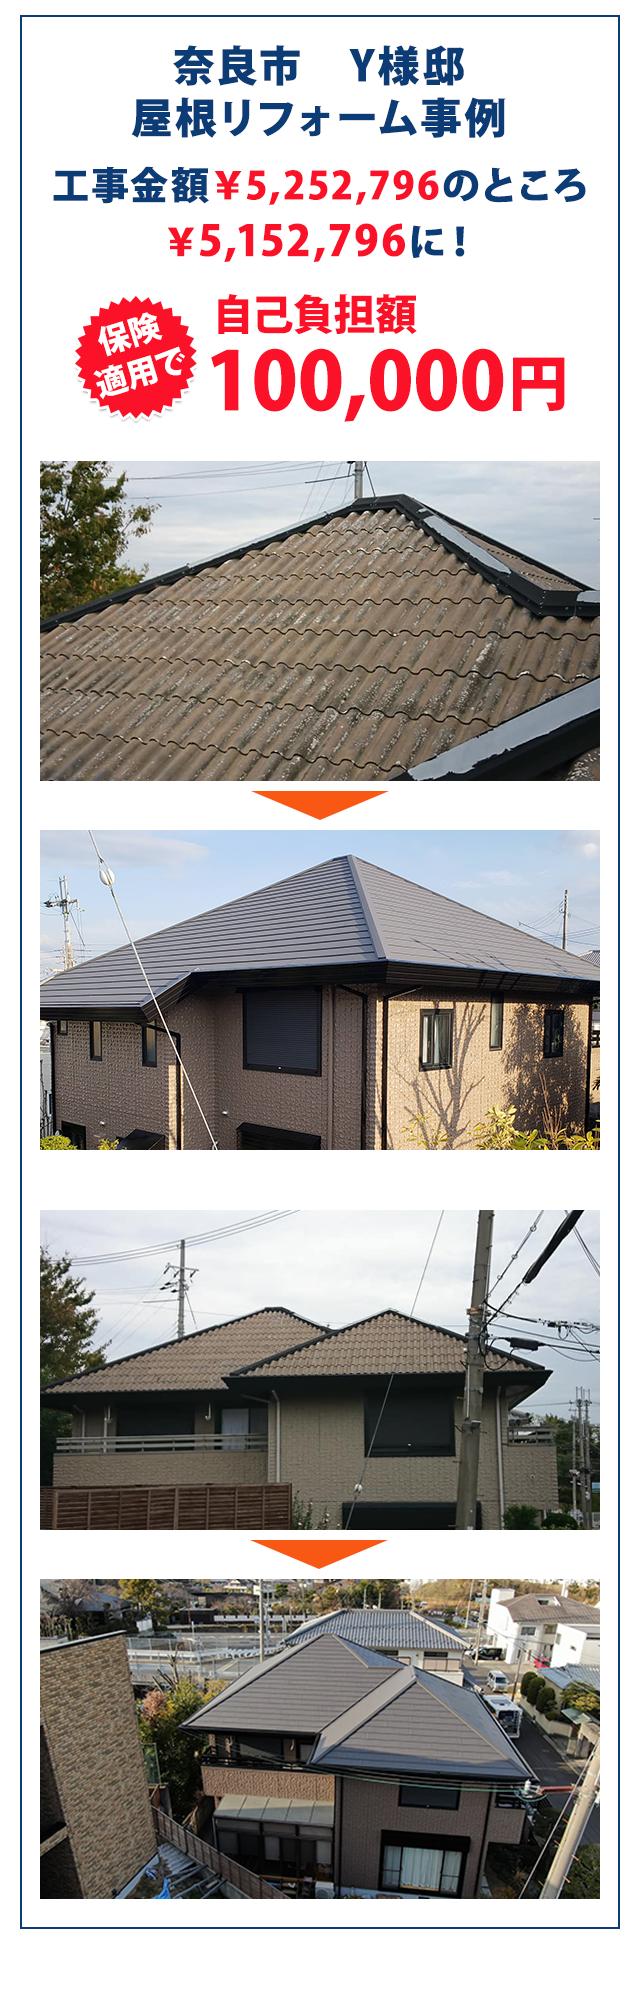 奈良市 Y様邸 屋根リフォーム事例 工事金額¥5,252,796のところ¥5,152,796に! 保険適用で自己負担額100,000円